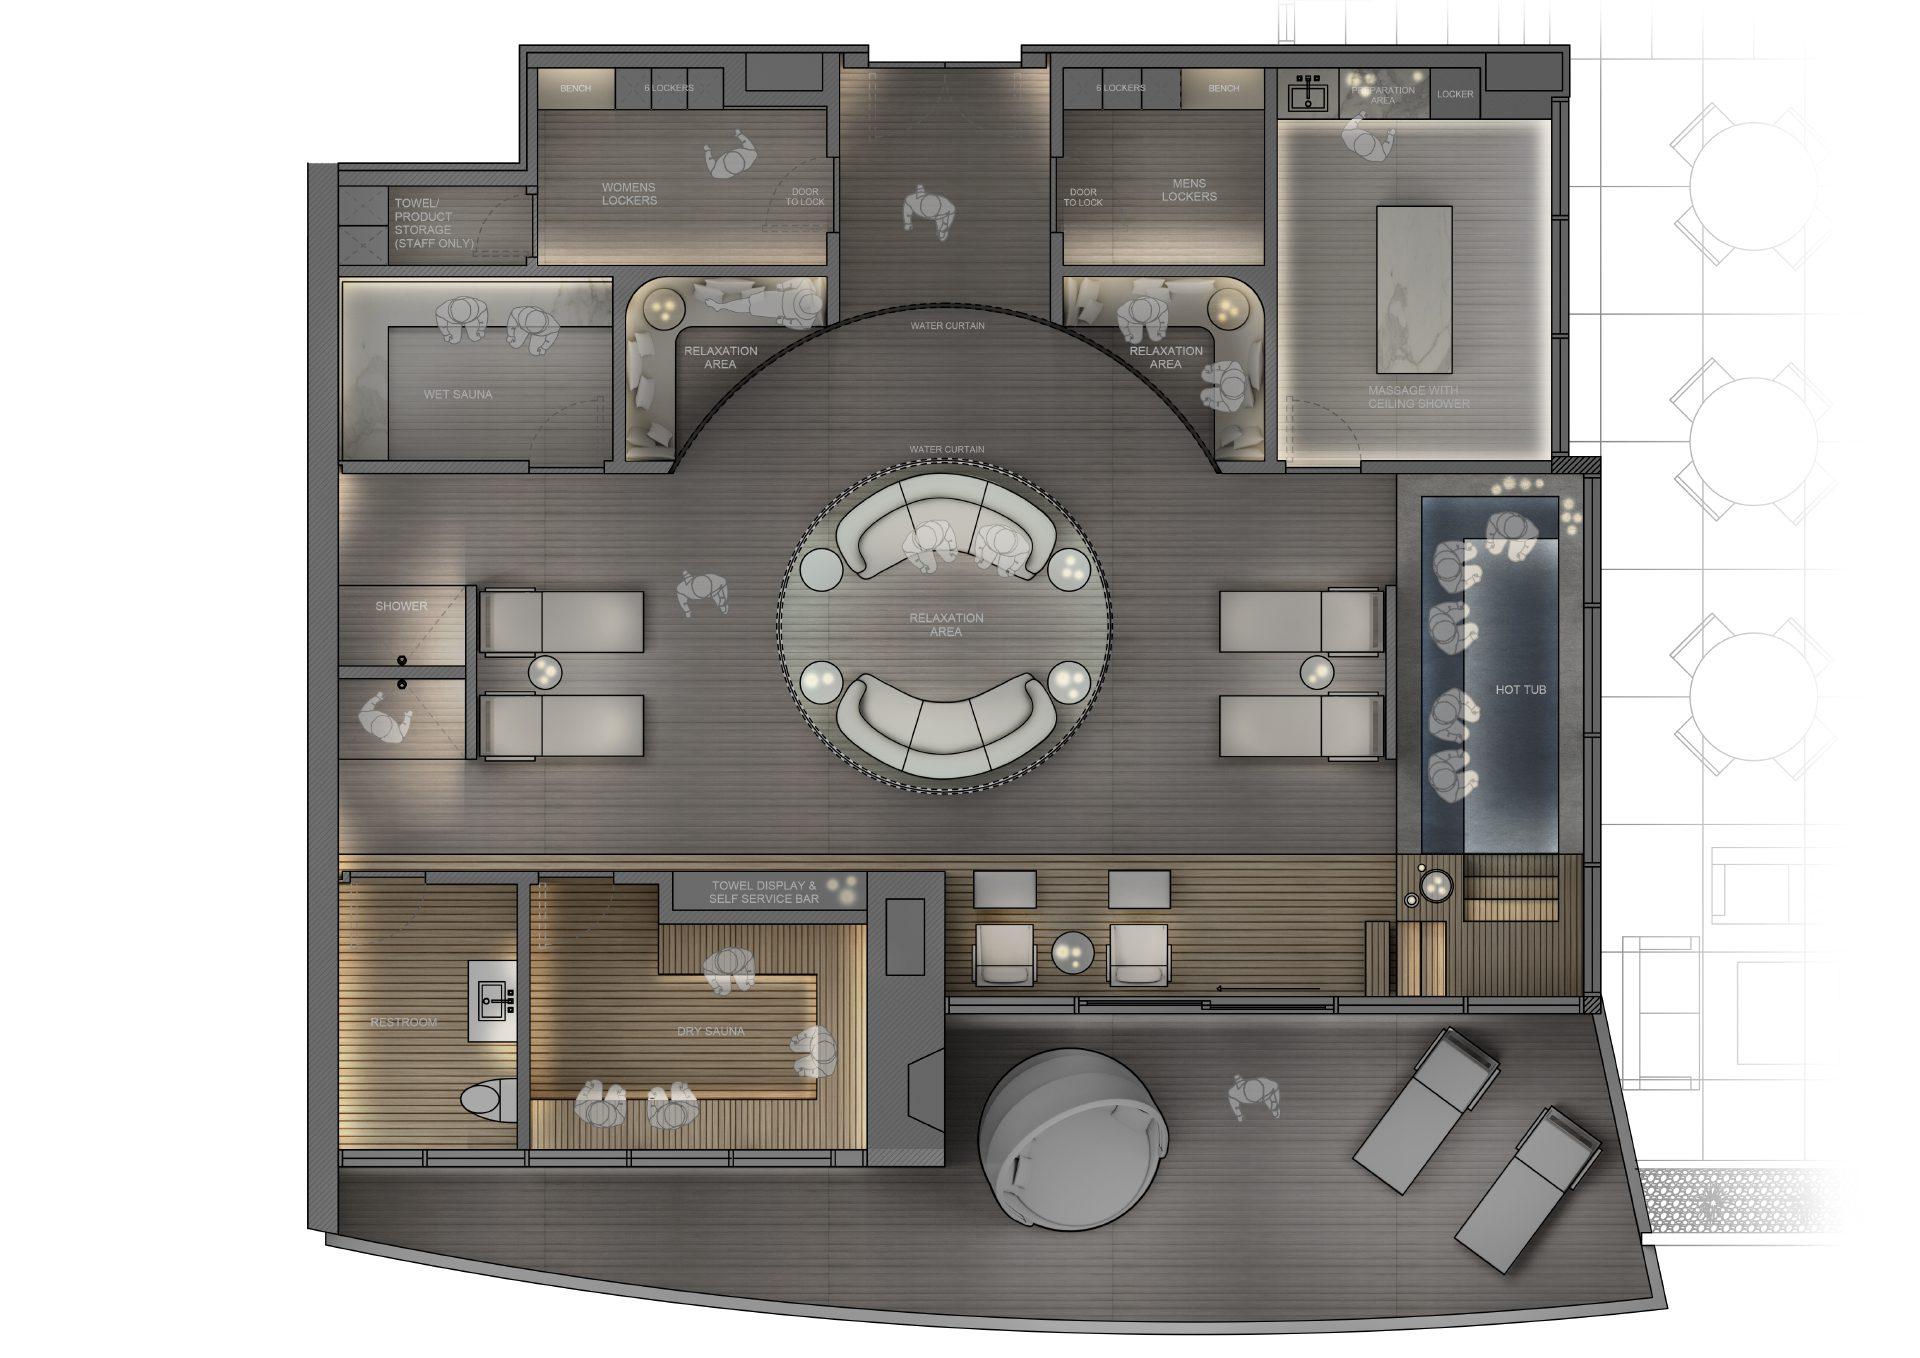 2-floor-plan_spa-bleu-ciel_rf-studio_04-03-2015-bd